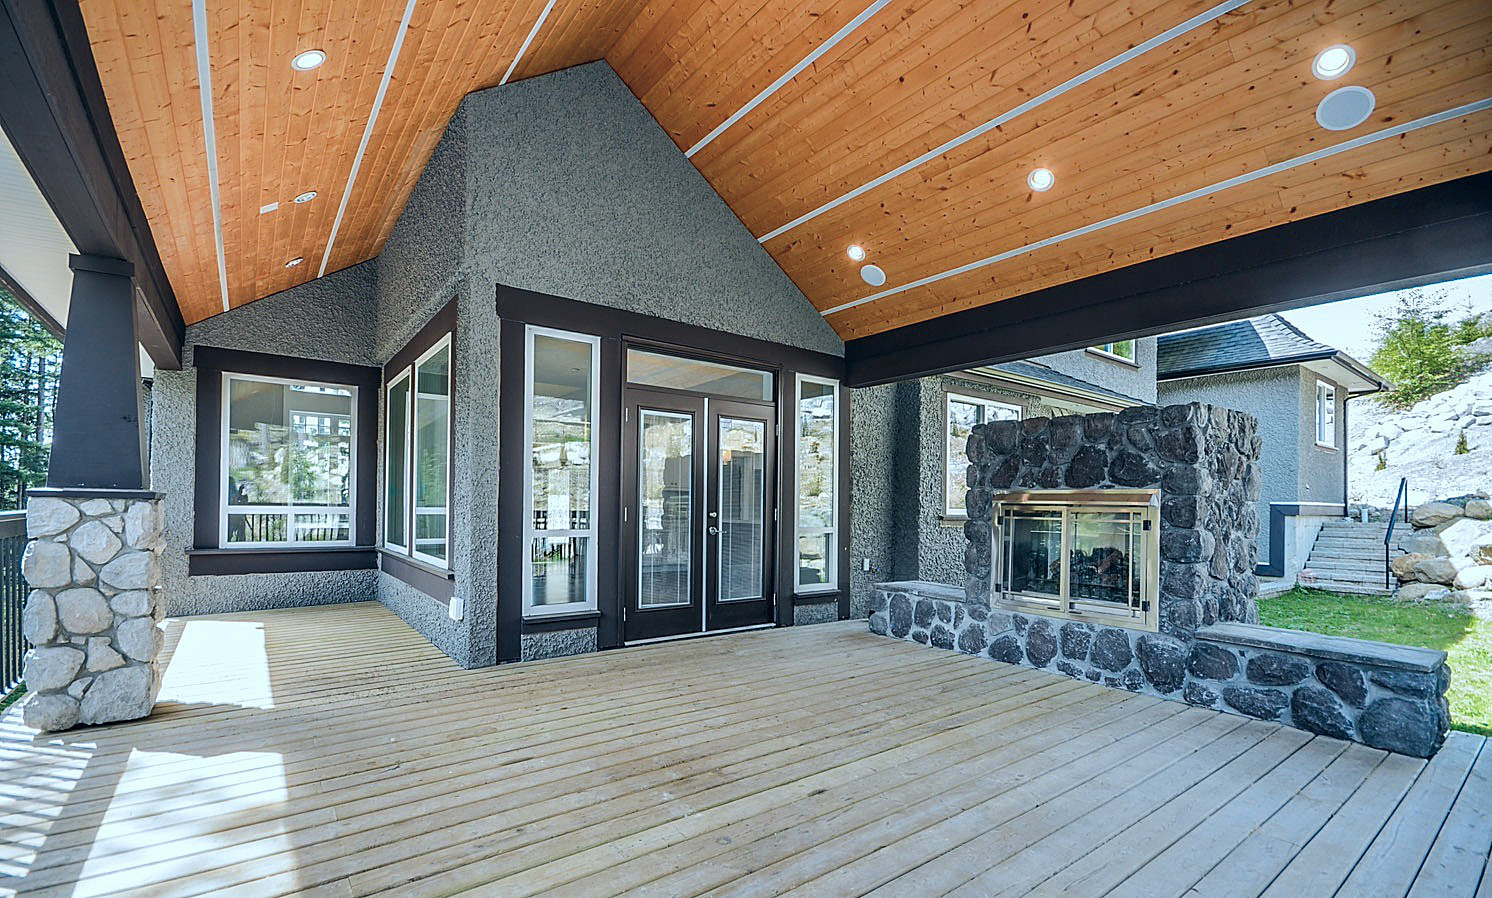 Estate home | Balcony 3 - M8TRIX5.com Development